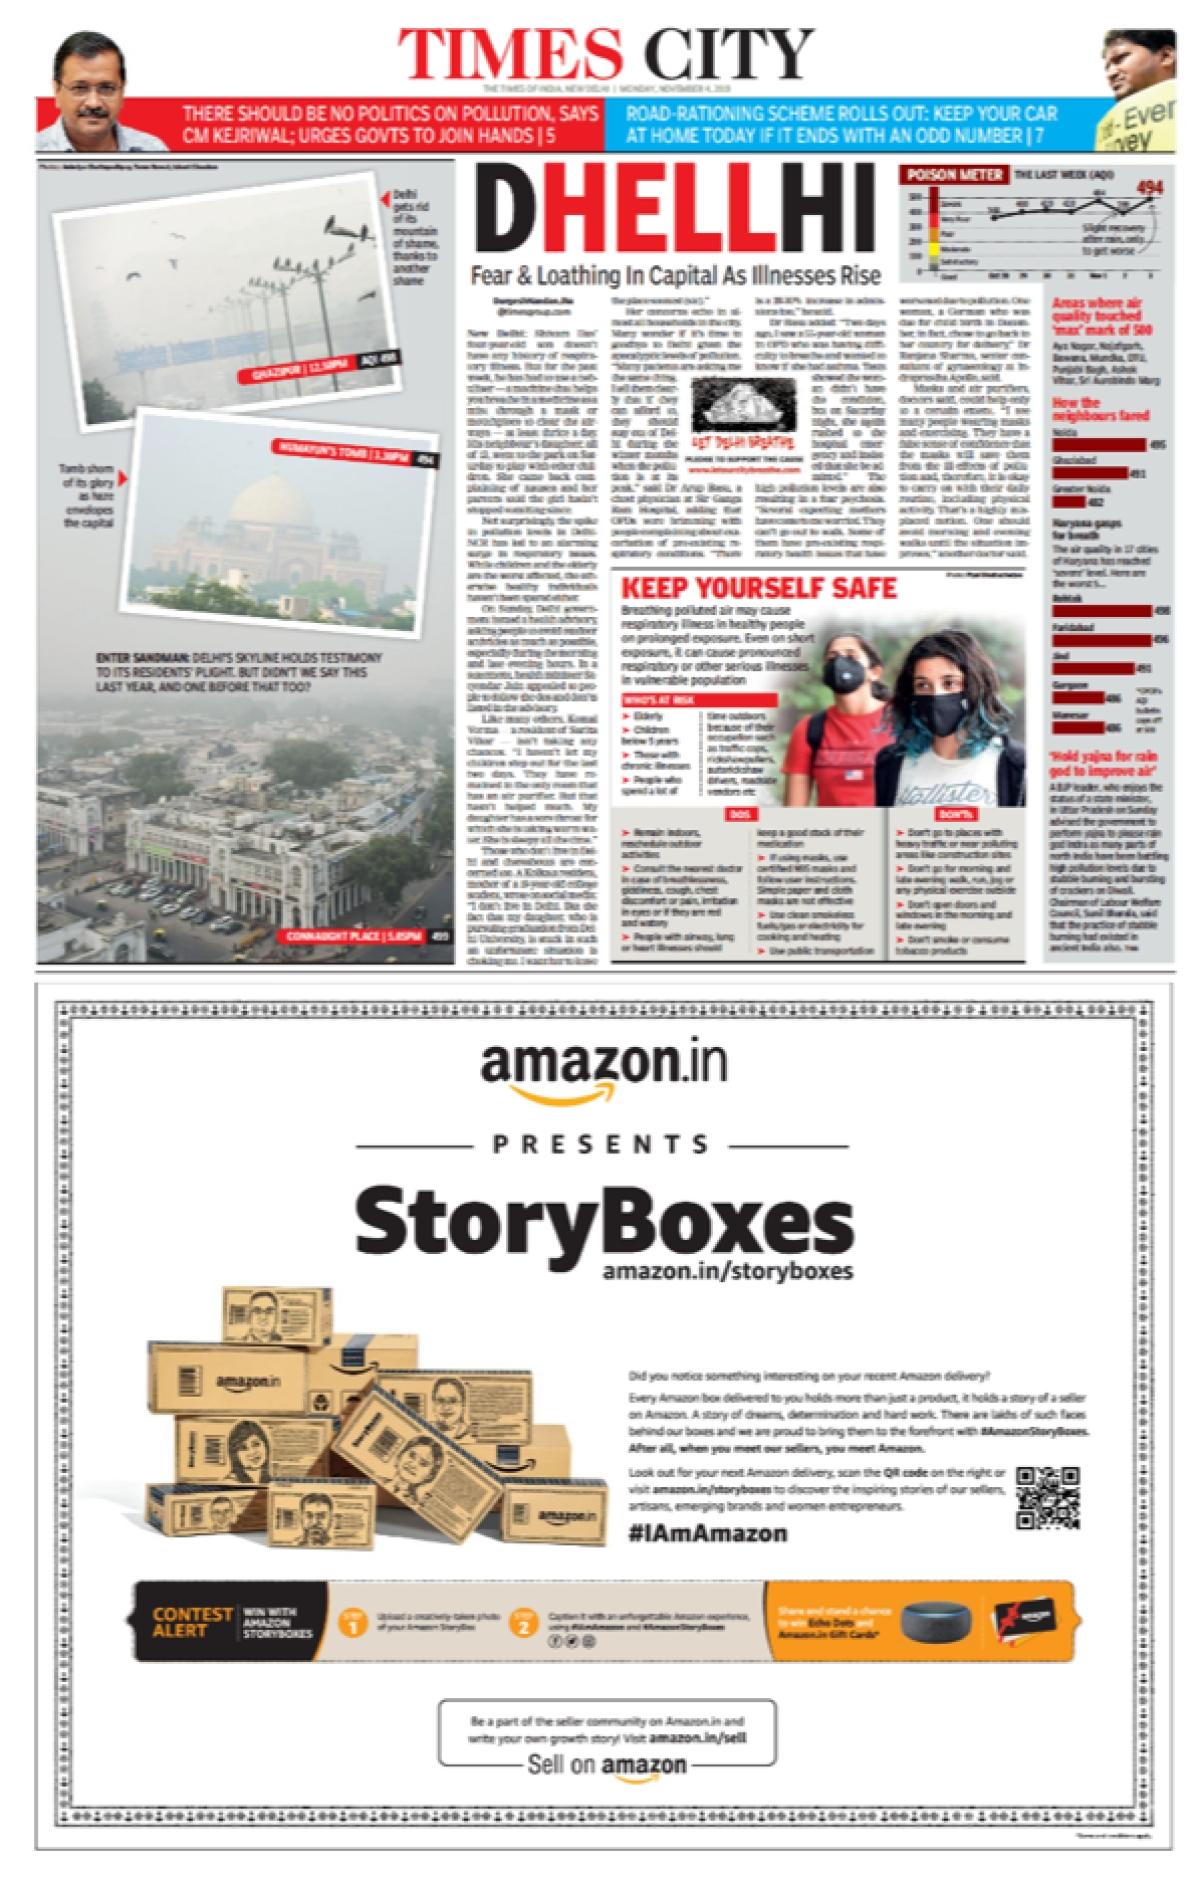 Page 2 ad in TOI Delhi